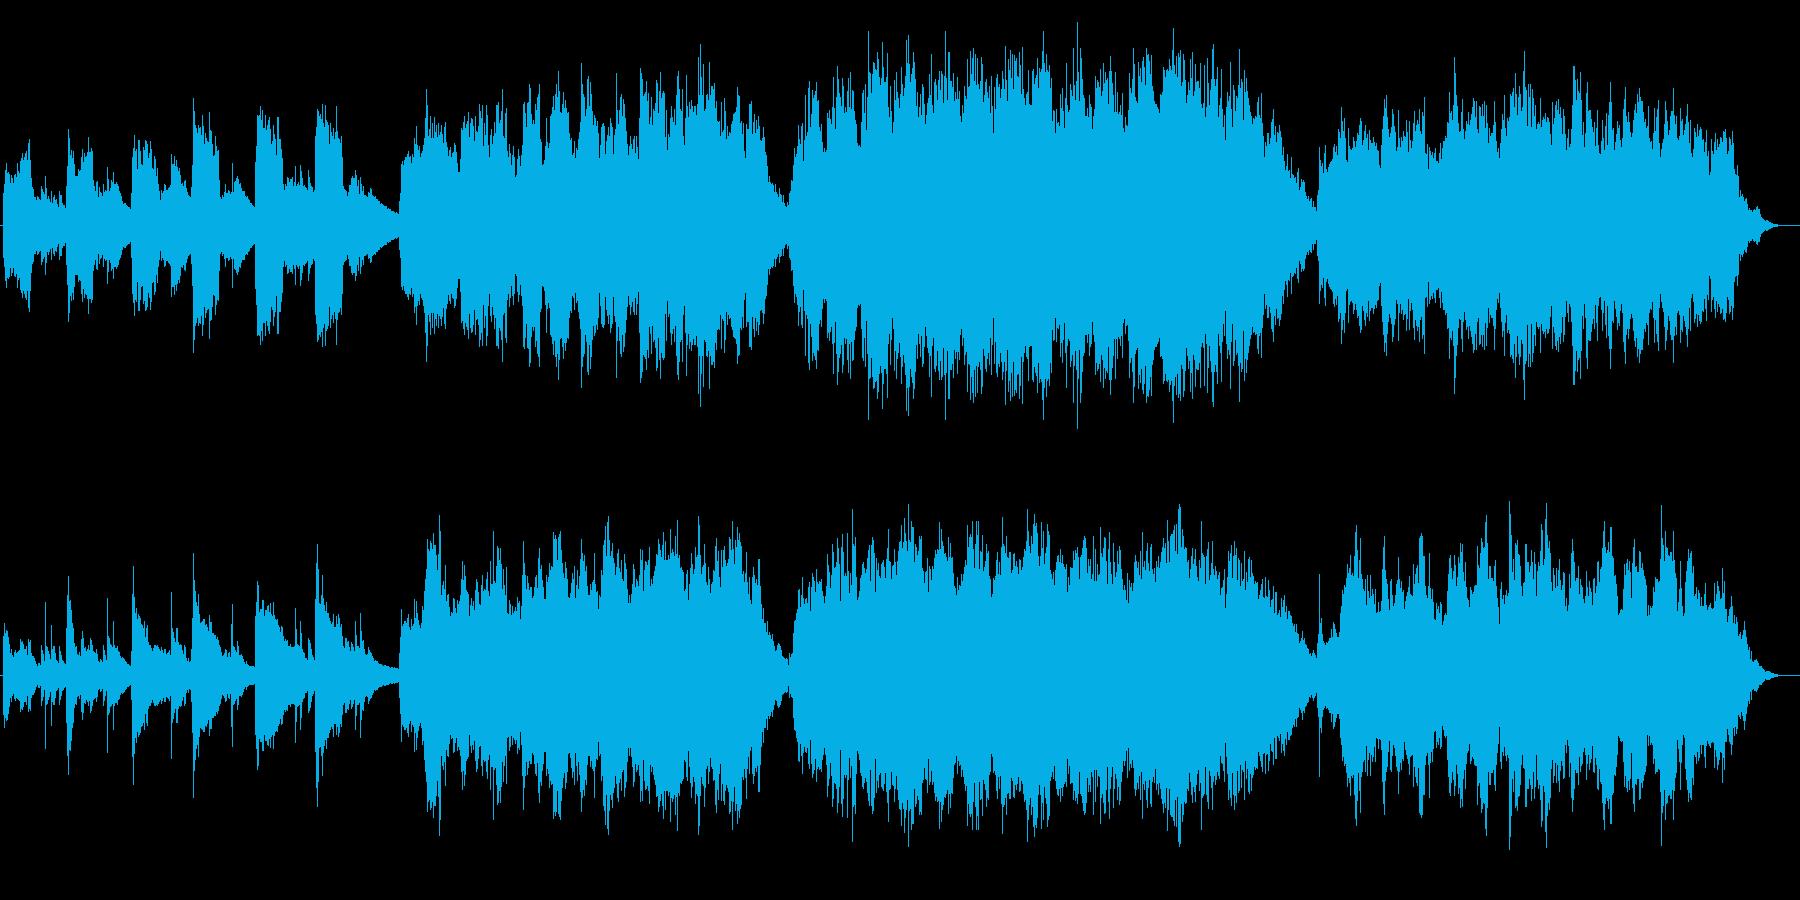 夢の中のようなピアノヒーリング曲の再生済みの波形